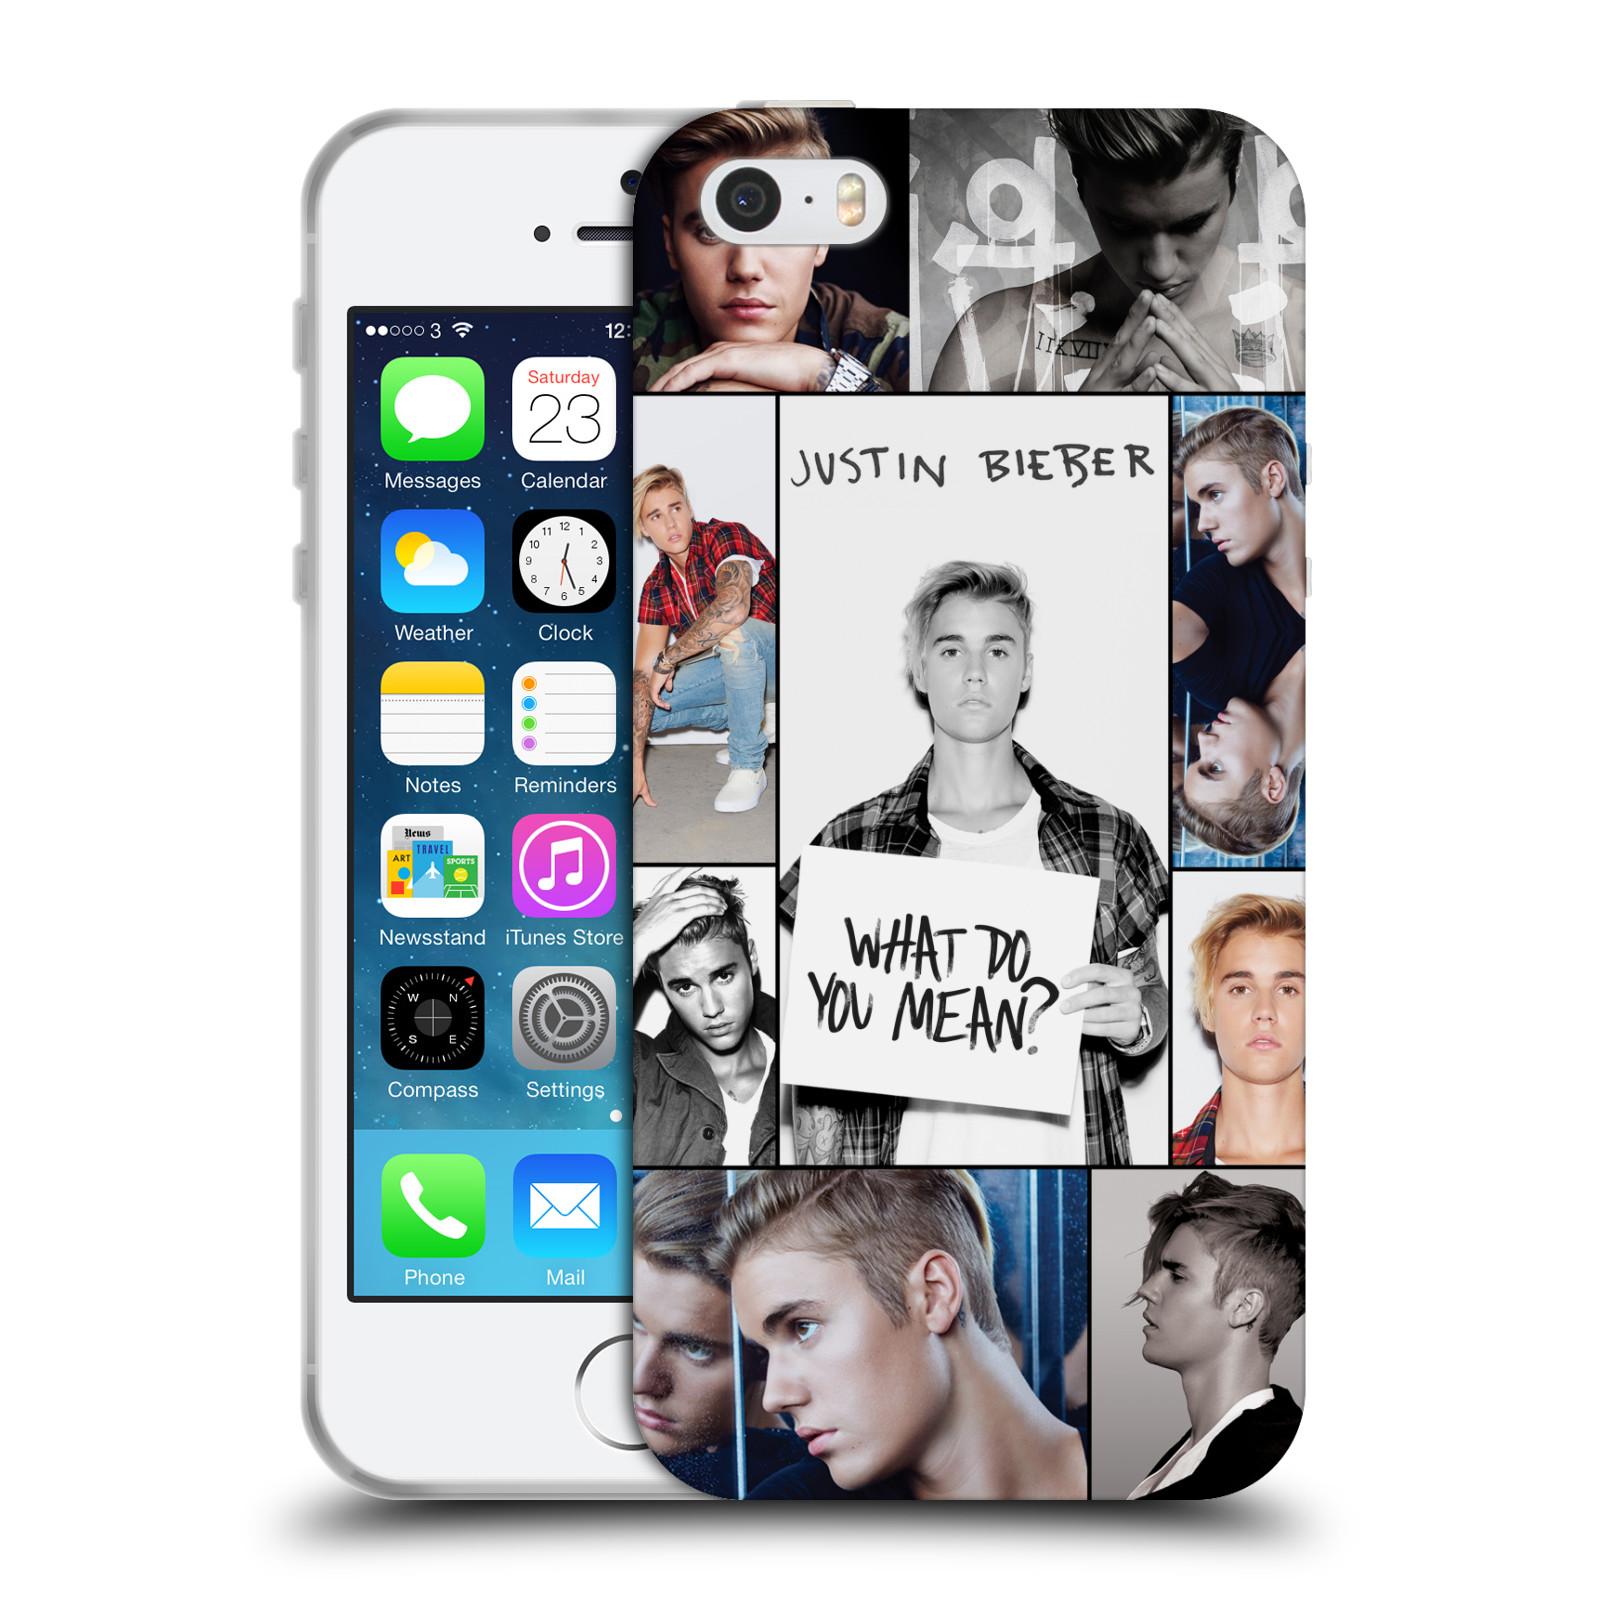 HEAD CASE silikonový obal na mobil Apple Iphone 5 / 5S originální potisk Justin Bieber foto koláž